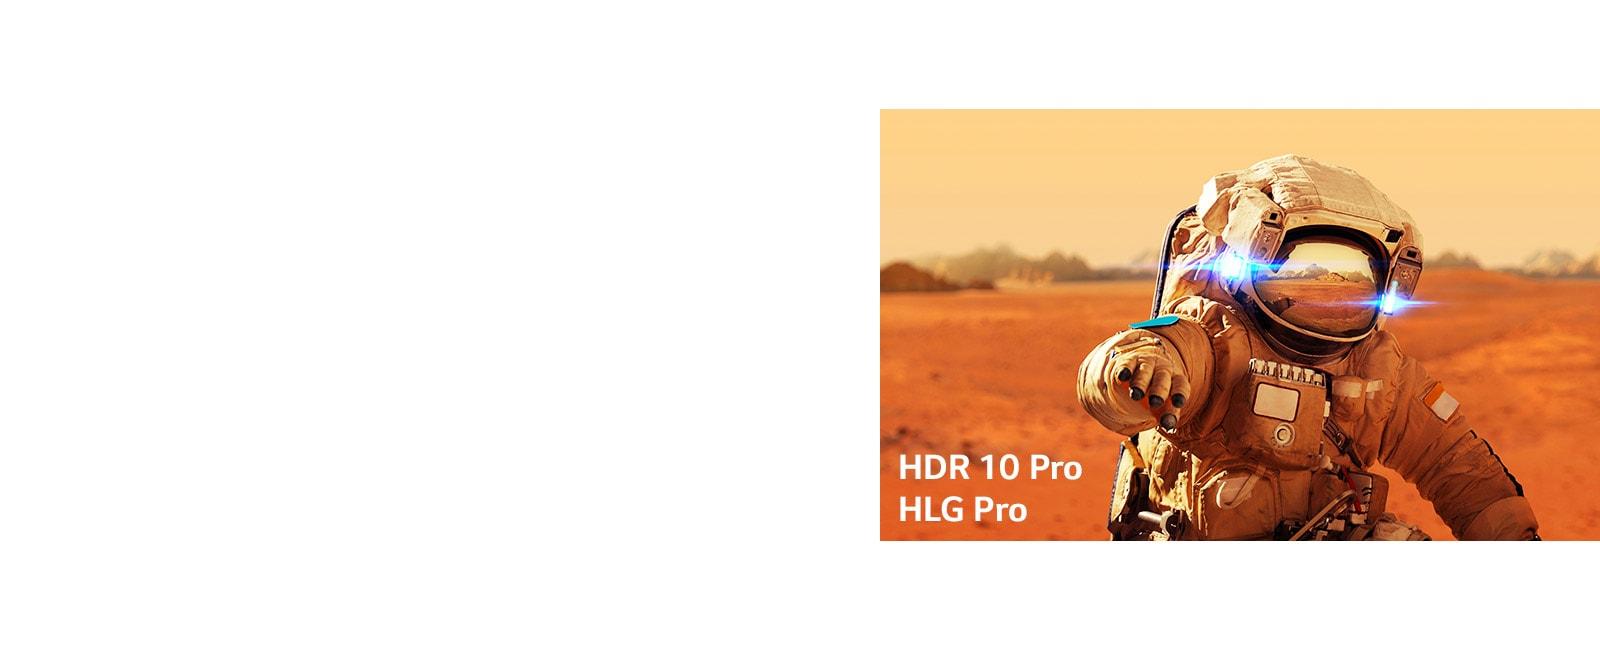 อัปเกรดฟอร์แมต HDR ที่สำคัญ1